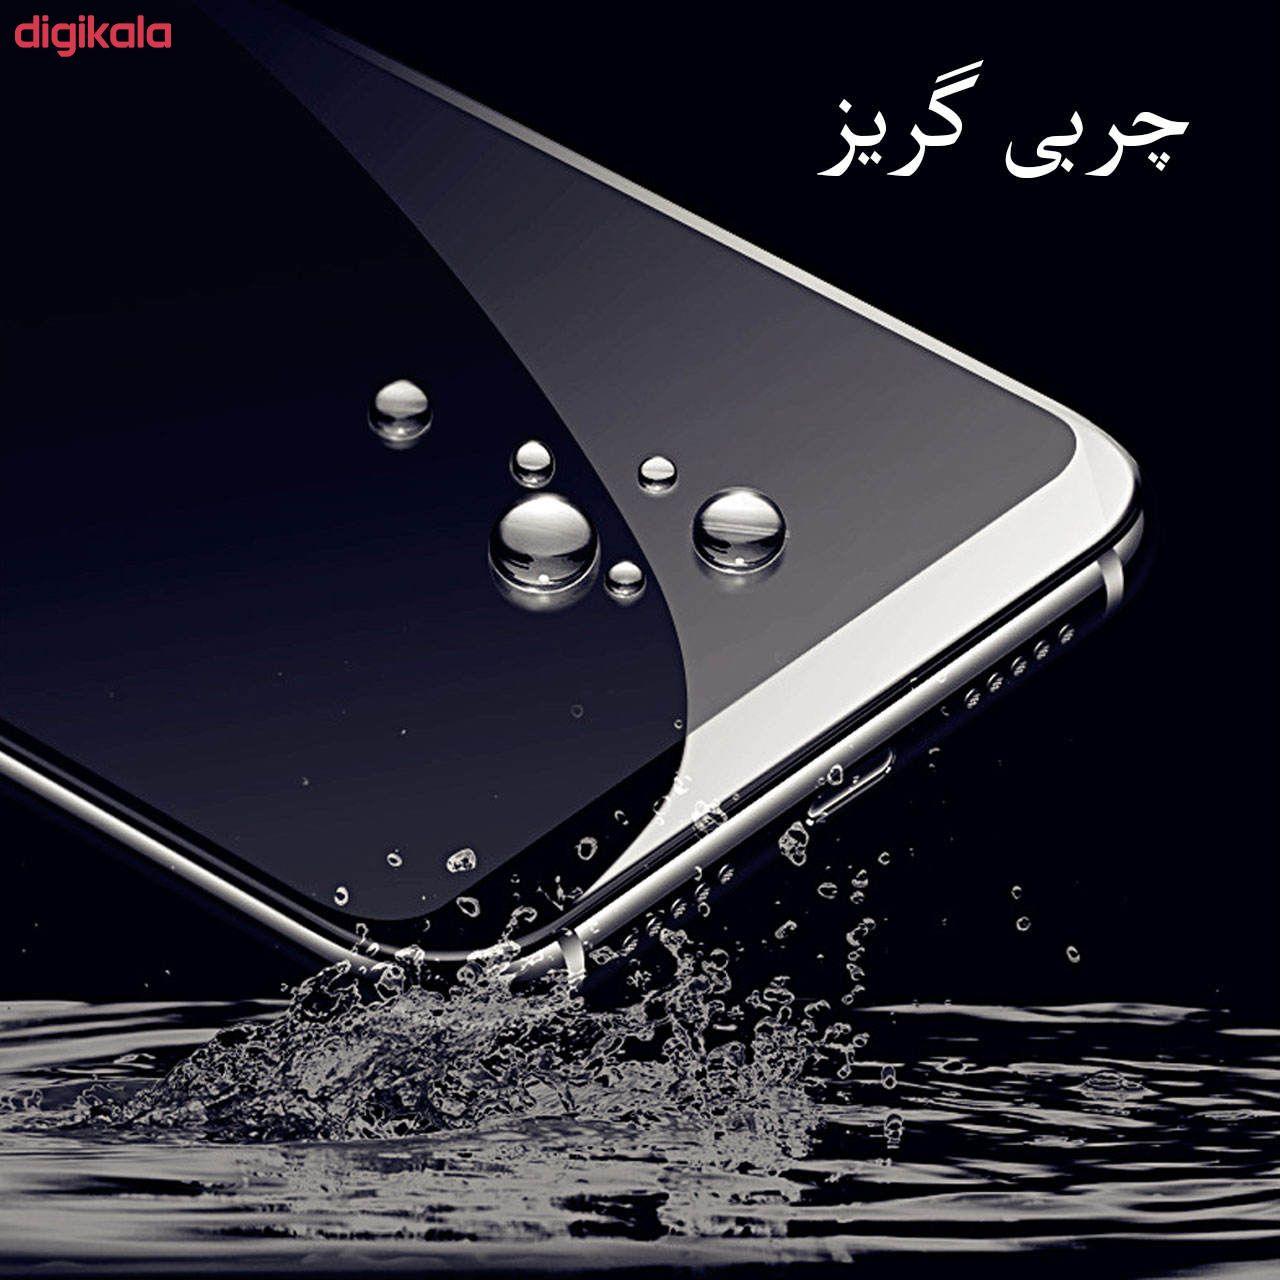 محافظ پشت گوشی شیپ مدل BKSH-01 مناسب برای گوشی موبایل سامسونگ Galaxy A71 main 1 11